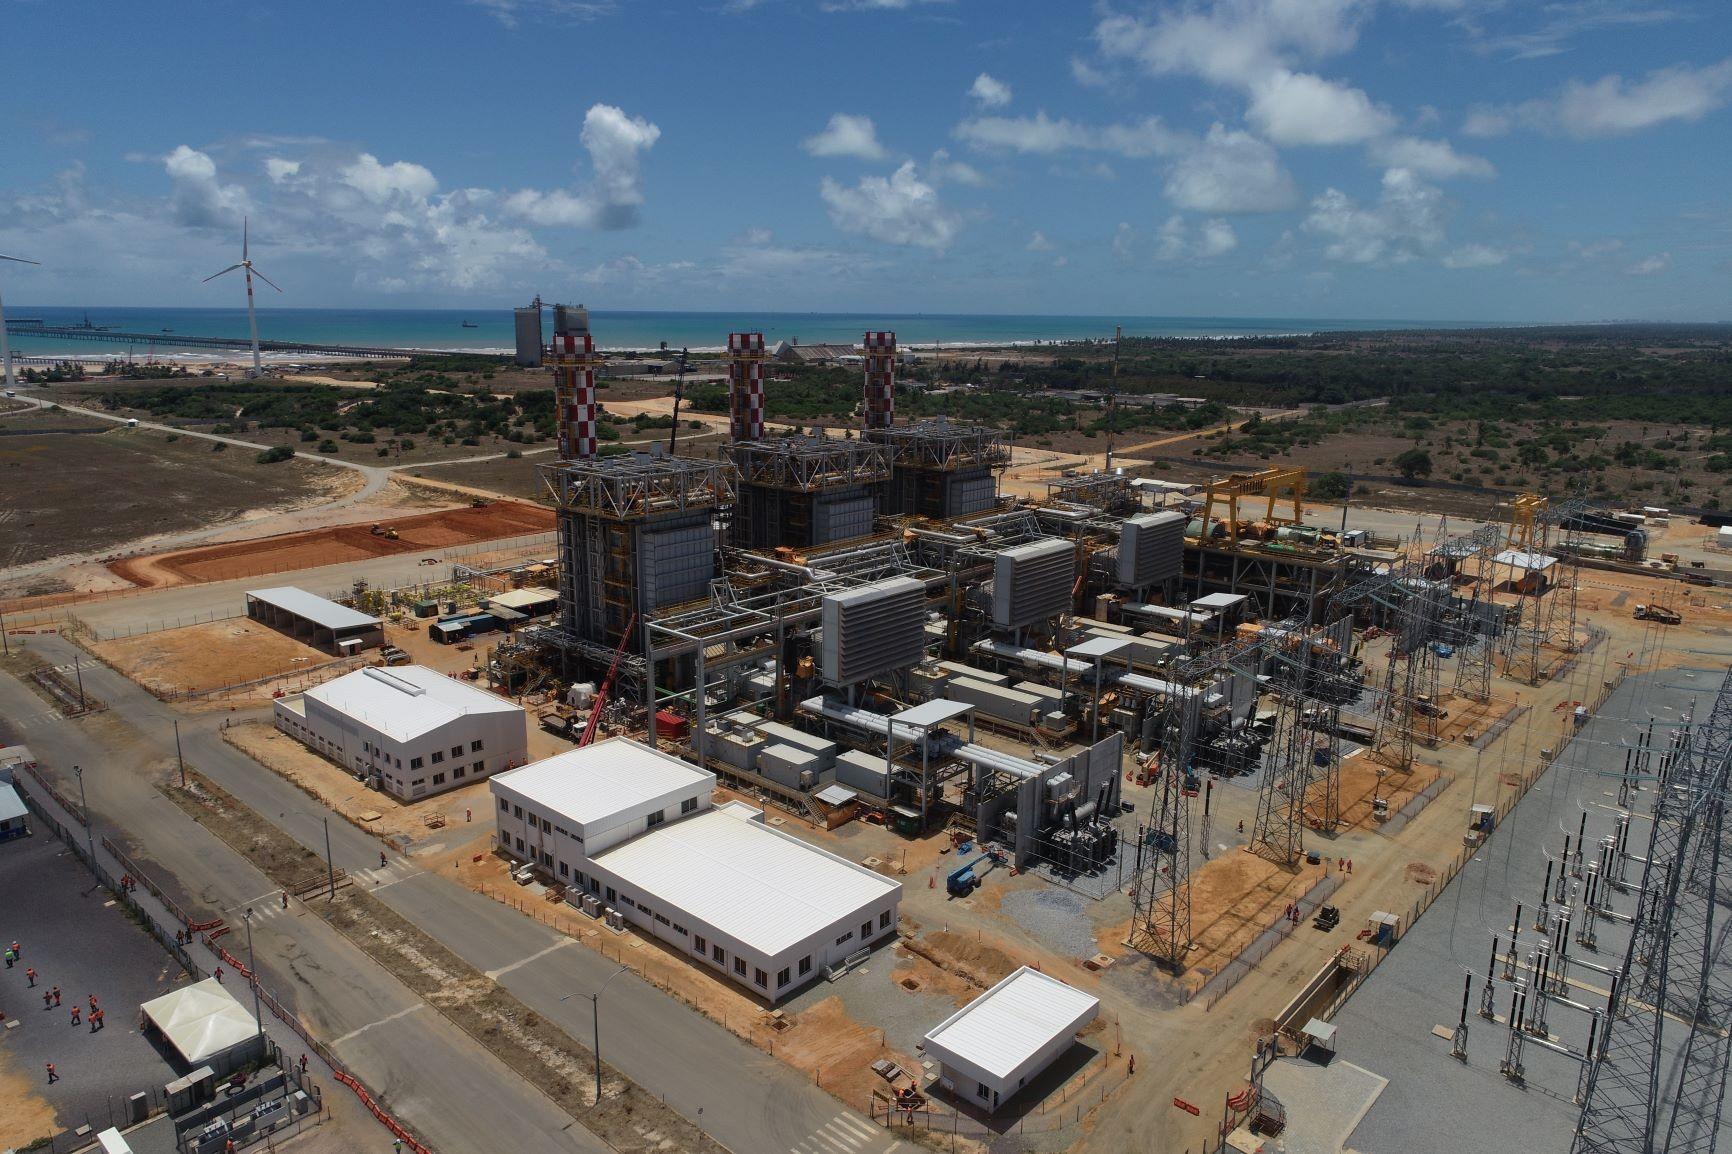 Usina Termoelétrica Porto de Sergipe I, na cidade de Barra dos Coqueiros, em Sergipe (Foto: Divulgação)